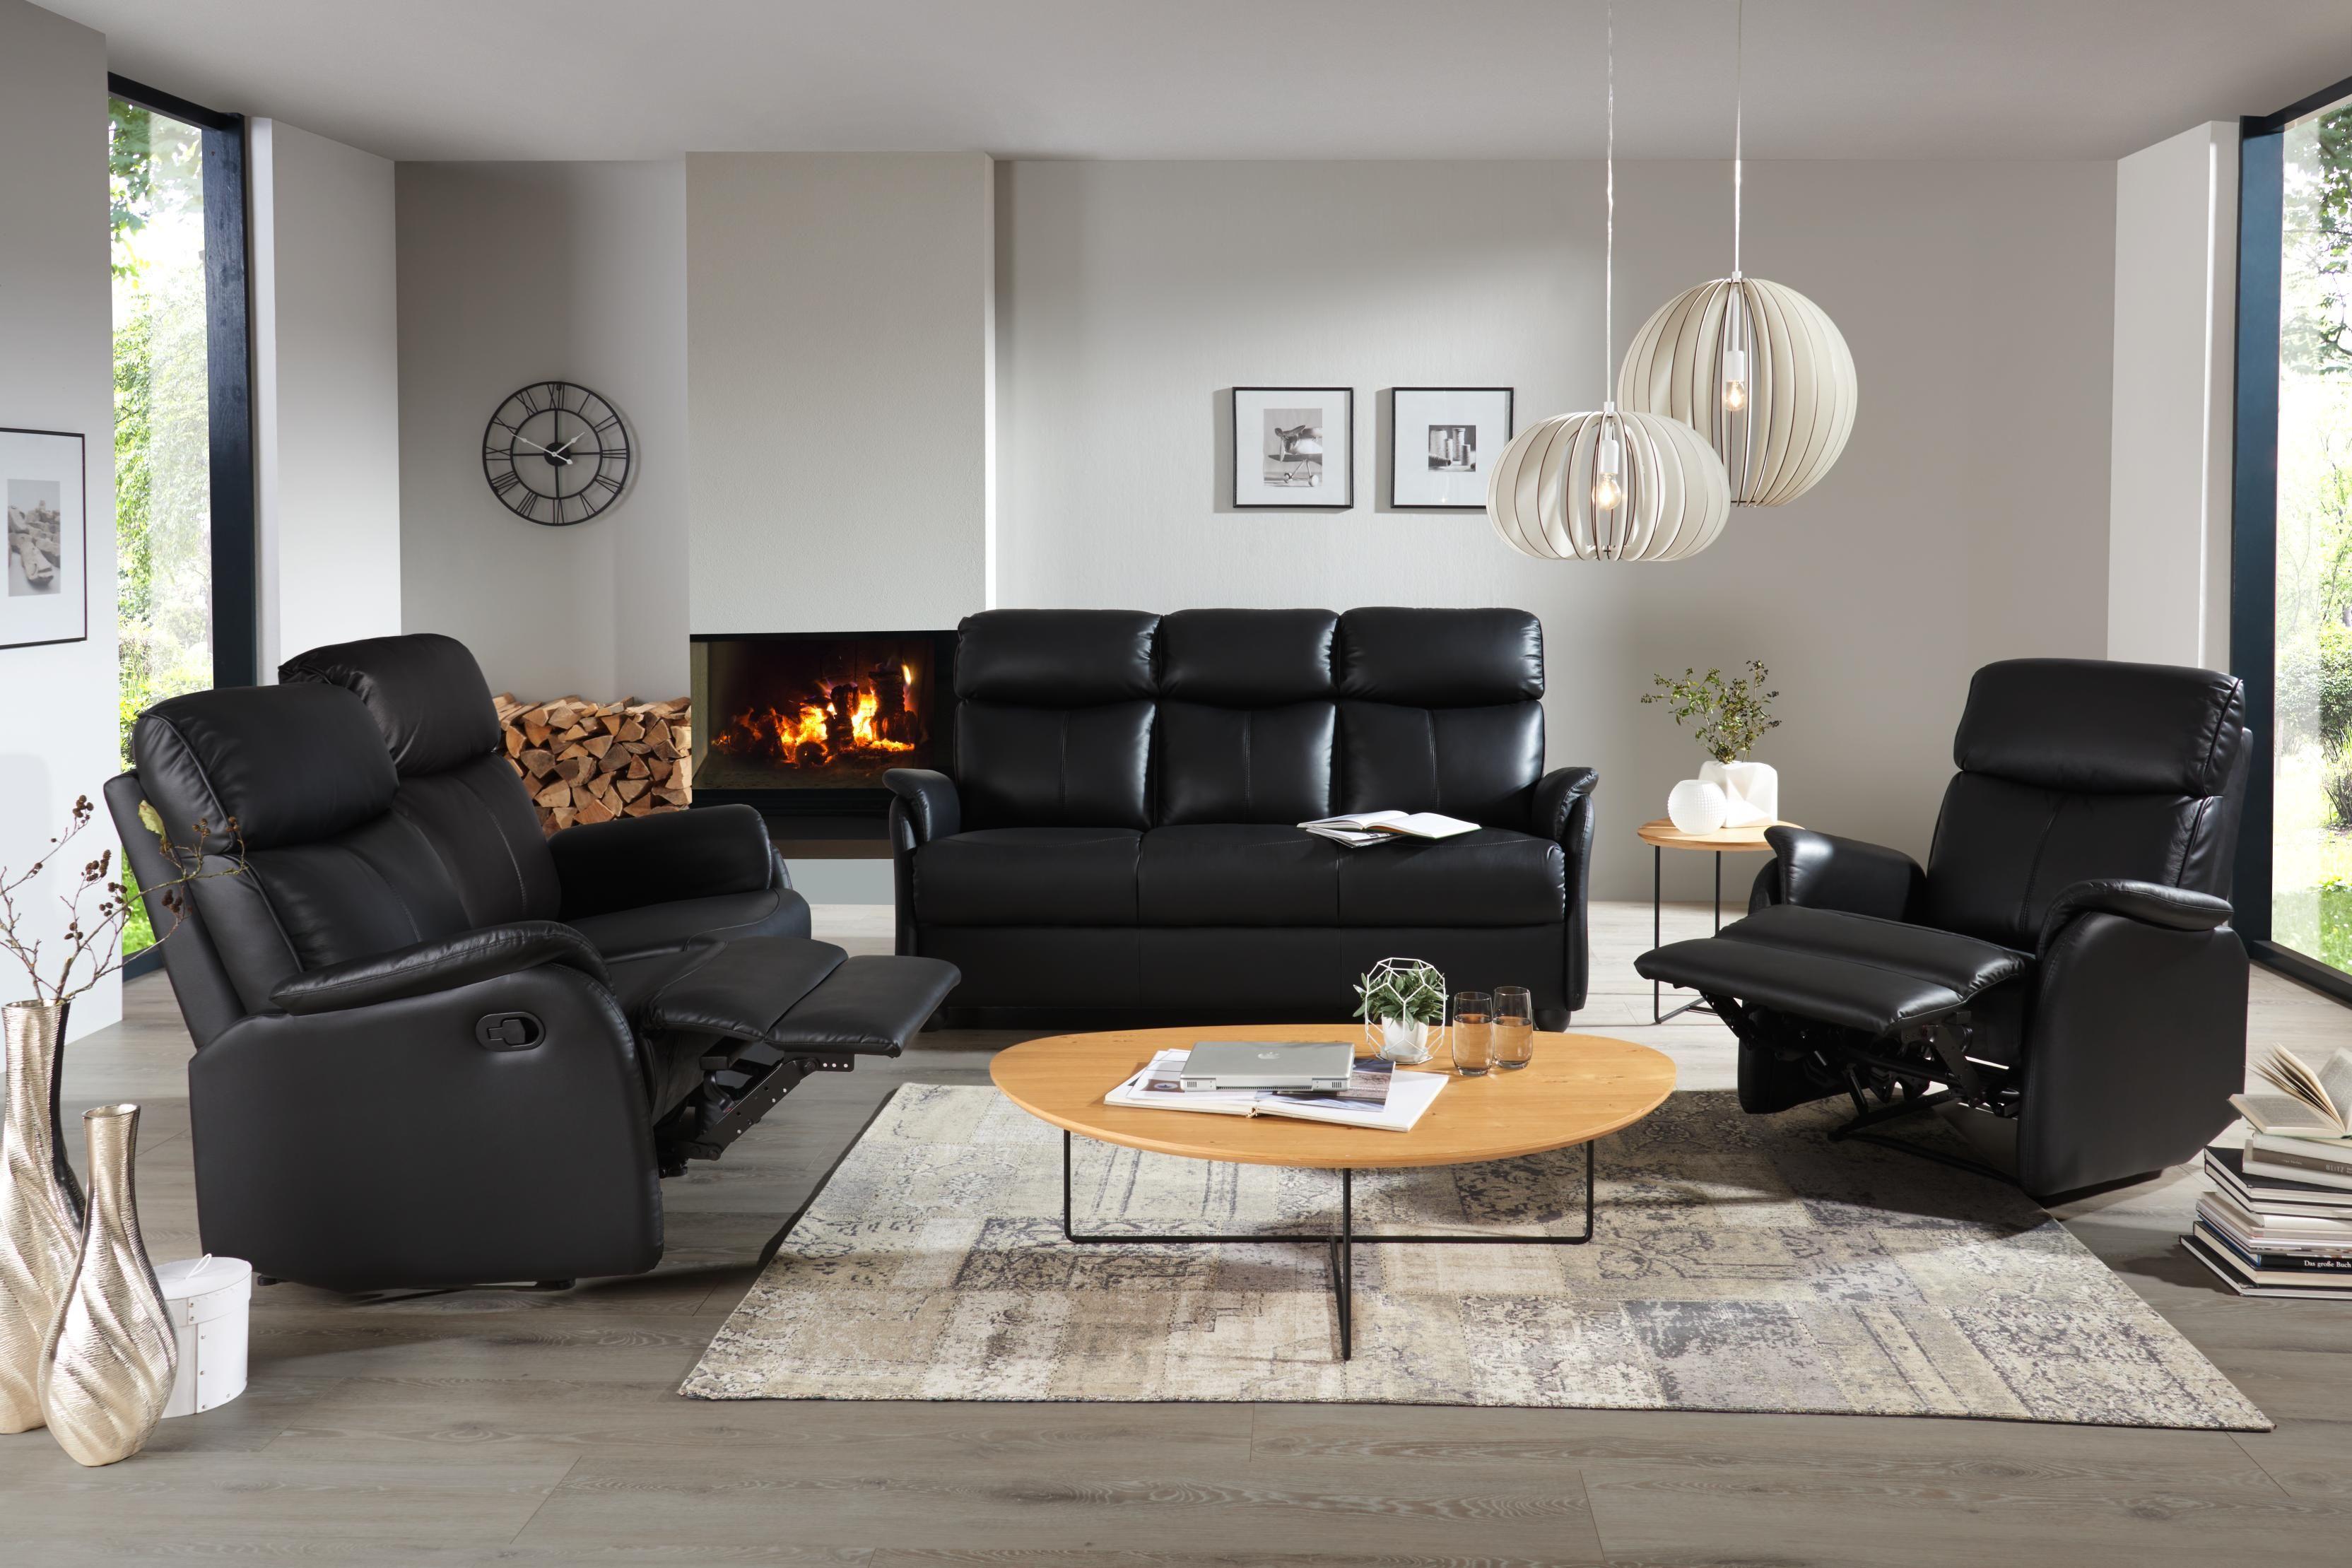 Wohnkultur - Einfache Heimdekorationen, die Sie haben müssen